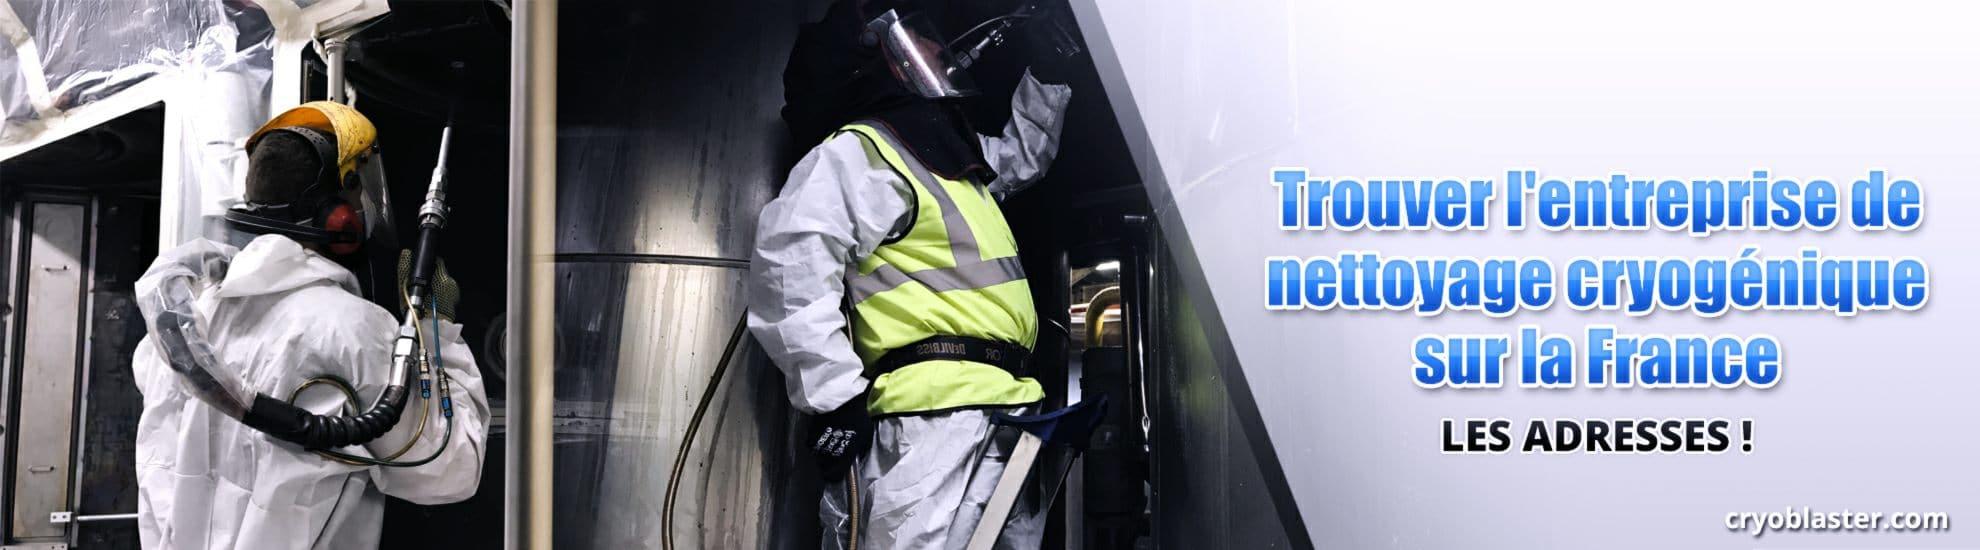 Nettoyage cryogénique en France : le réseau